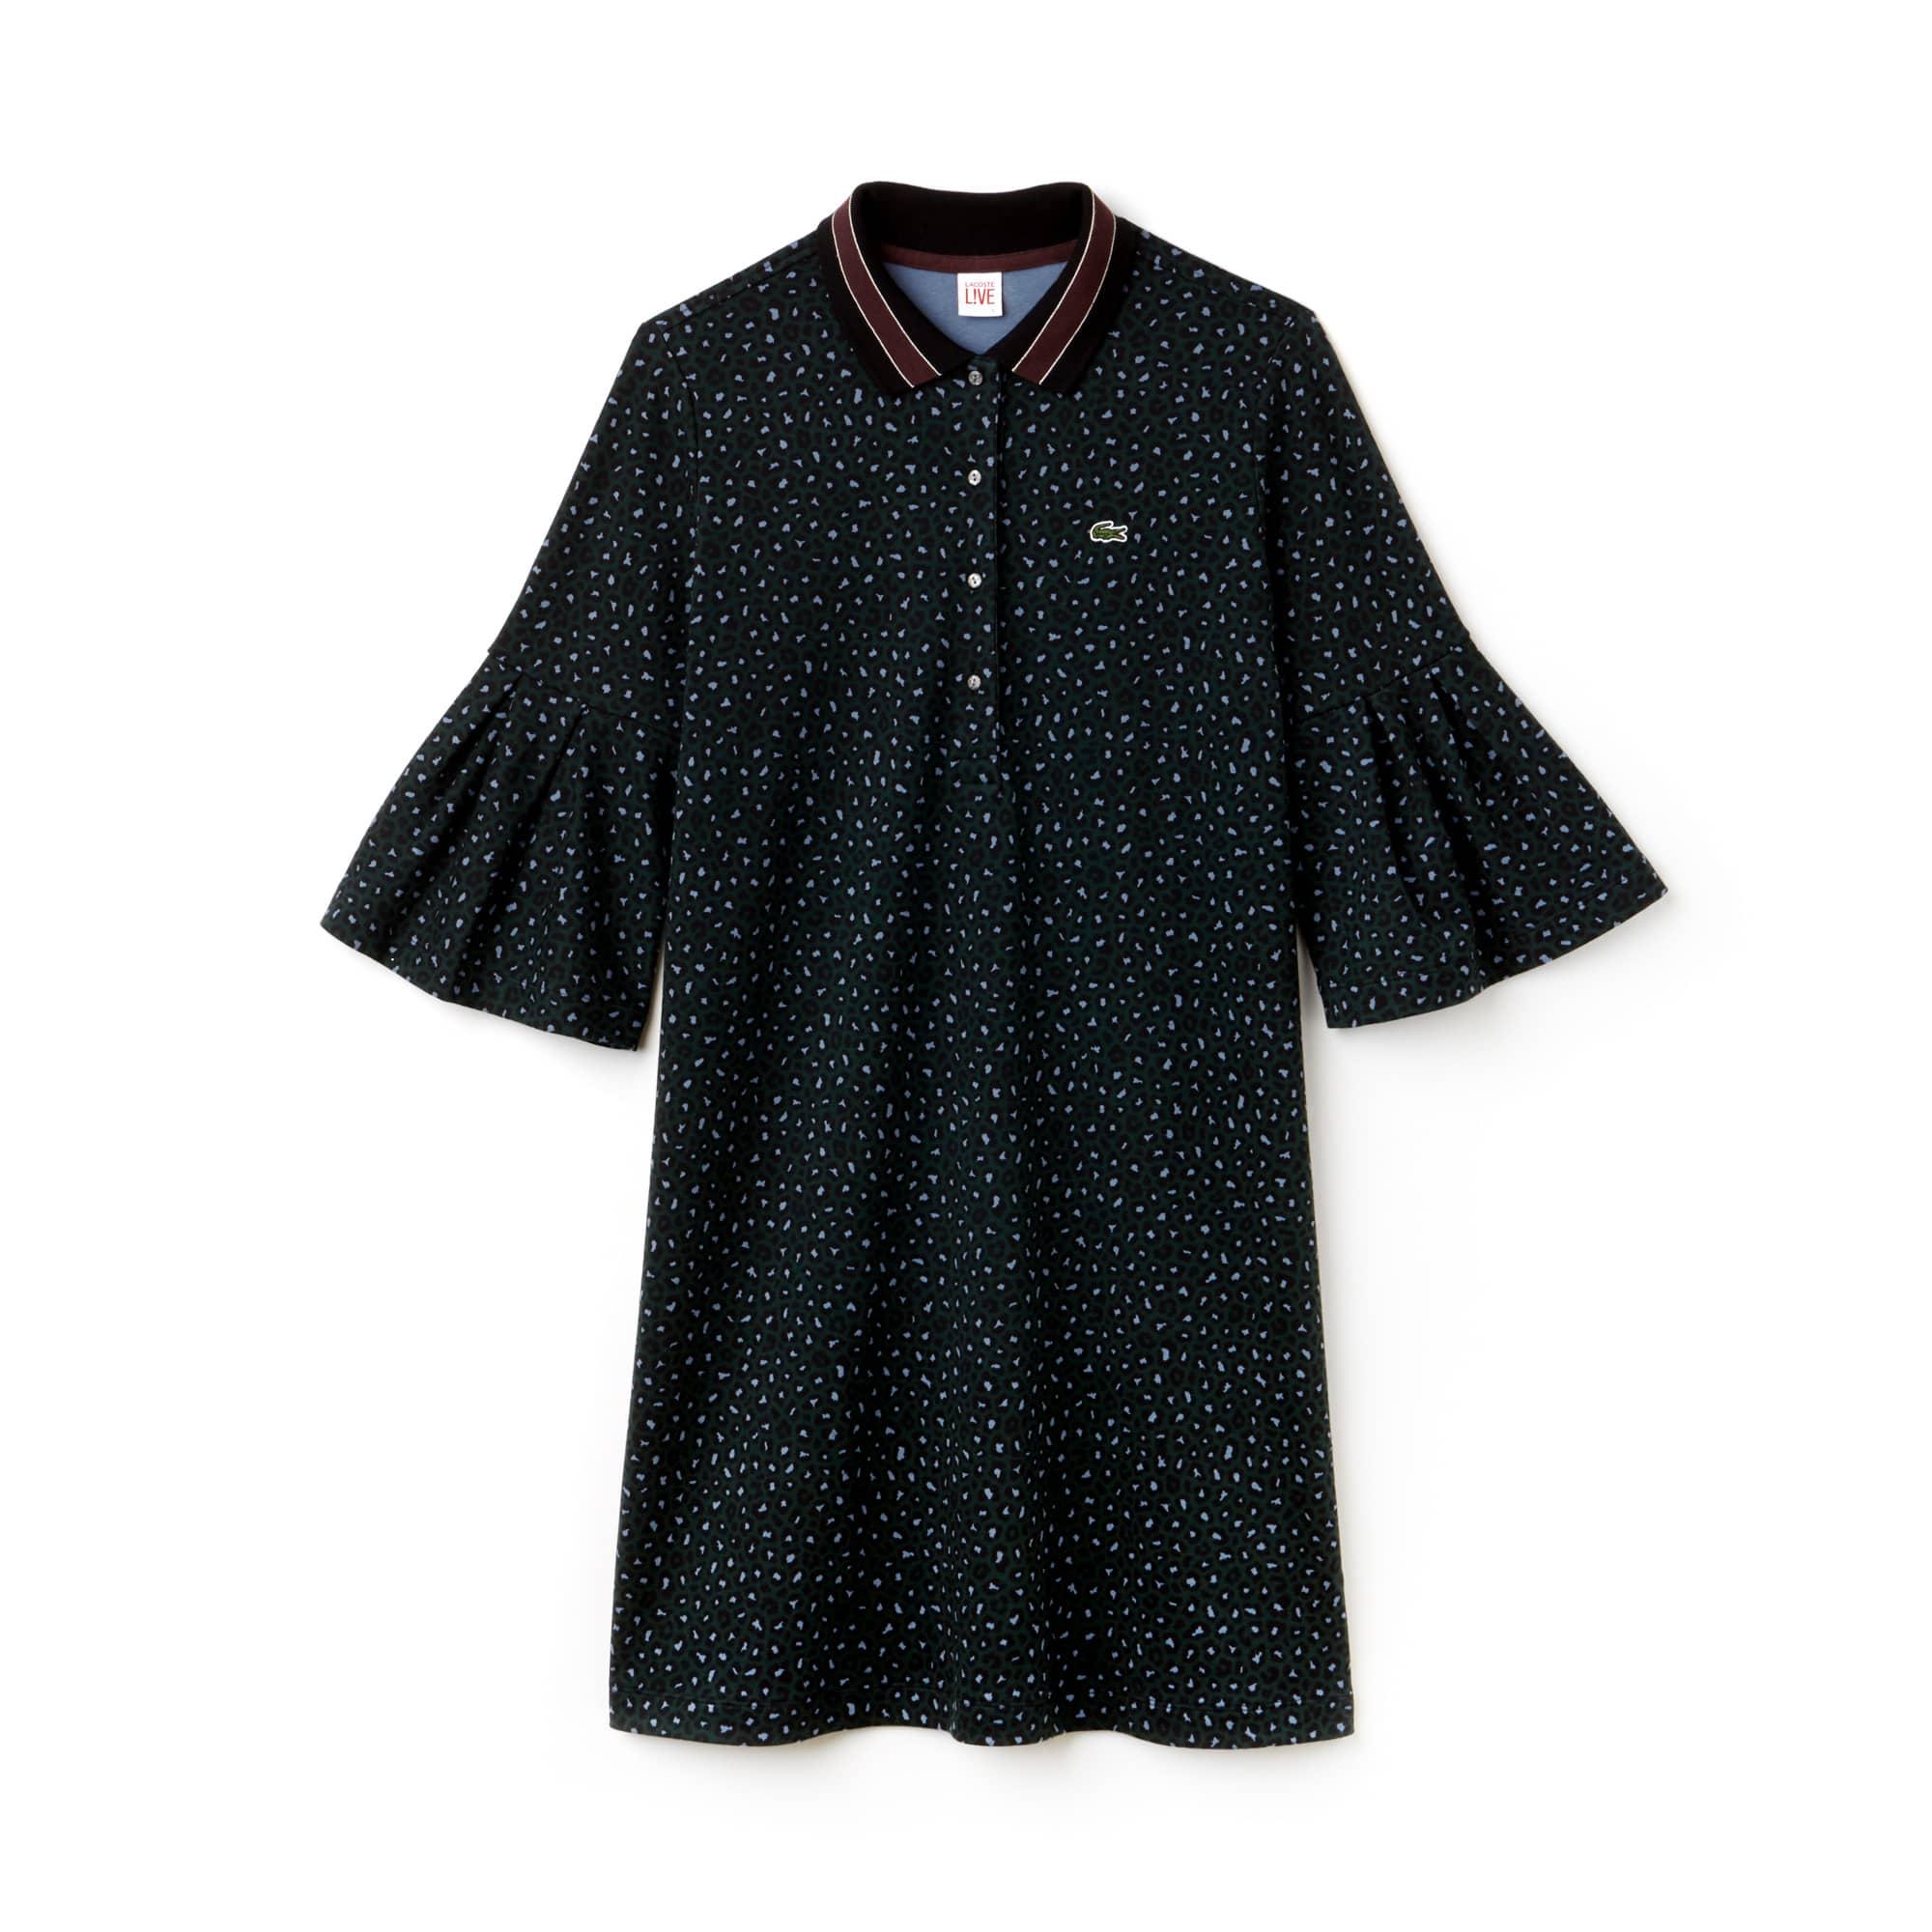 女士Lacoste LIVE豹纹印花双罗纹polo连衣裙